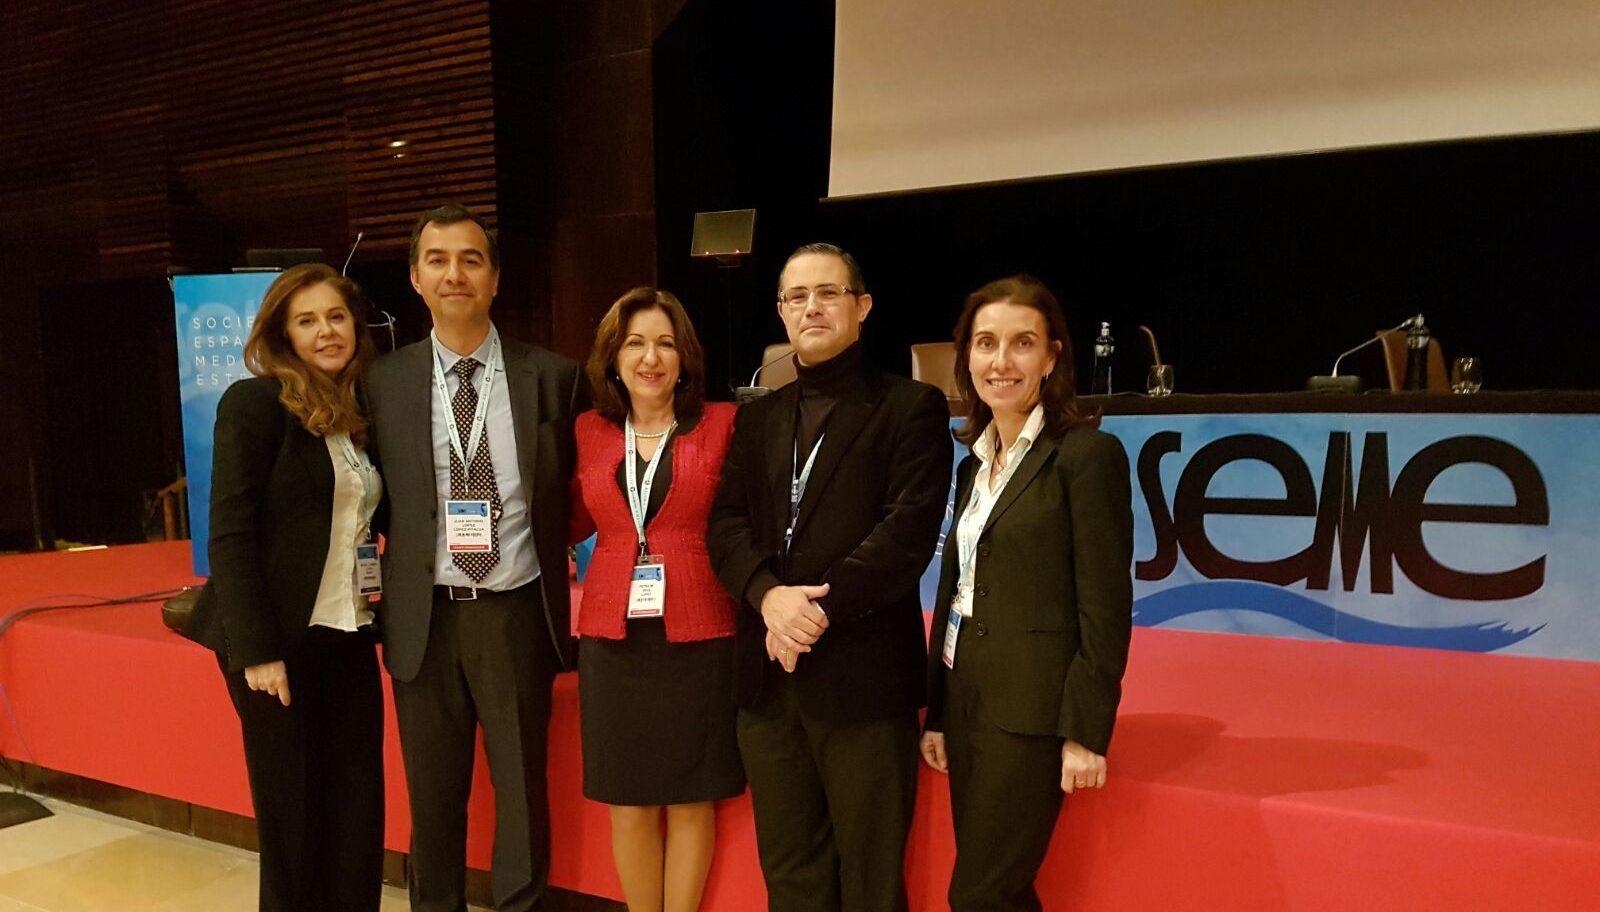 El profesor de la CEU-UCH Emilio García Sánchez, con miembros del comité organizador del 32º Congreso de la Sociedad Española de Medicina Estética, que ha clausurado.